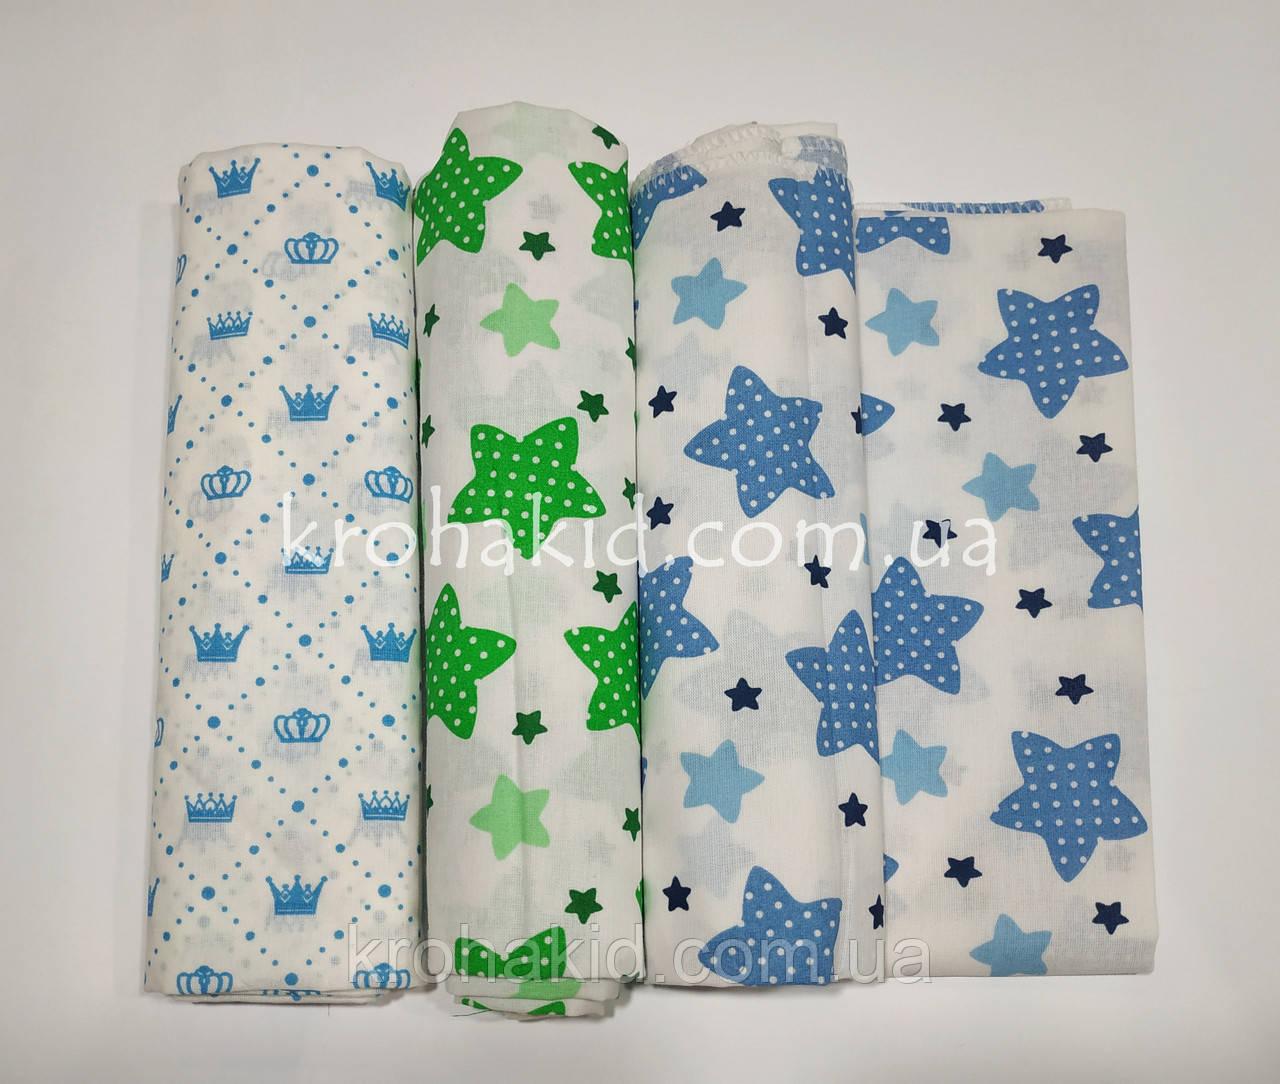 Набор ситцевых пеленок (3 шт) для мальчика  - 90 х 110 см